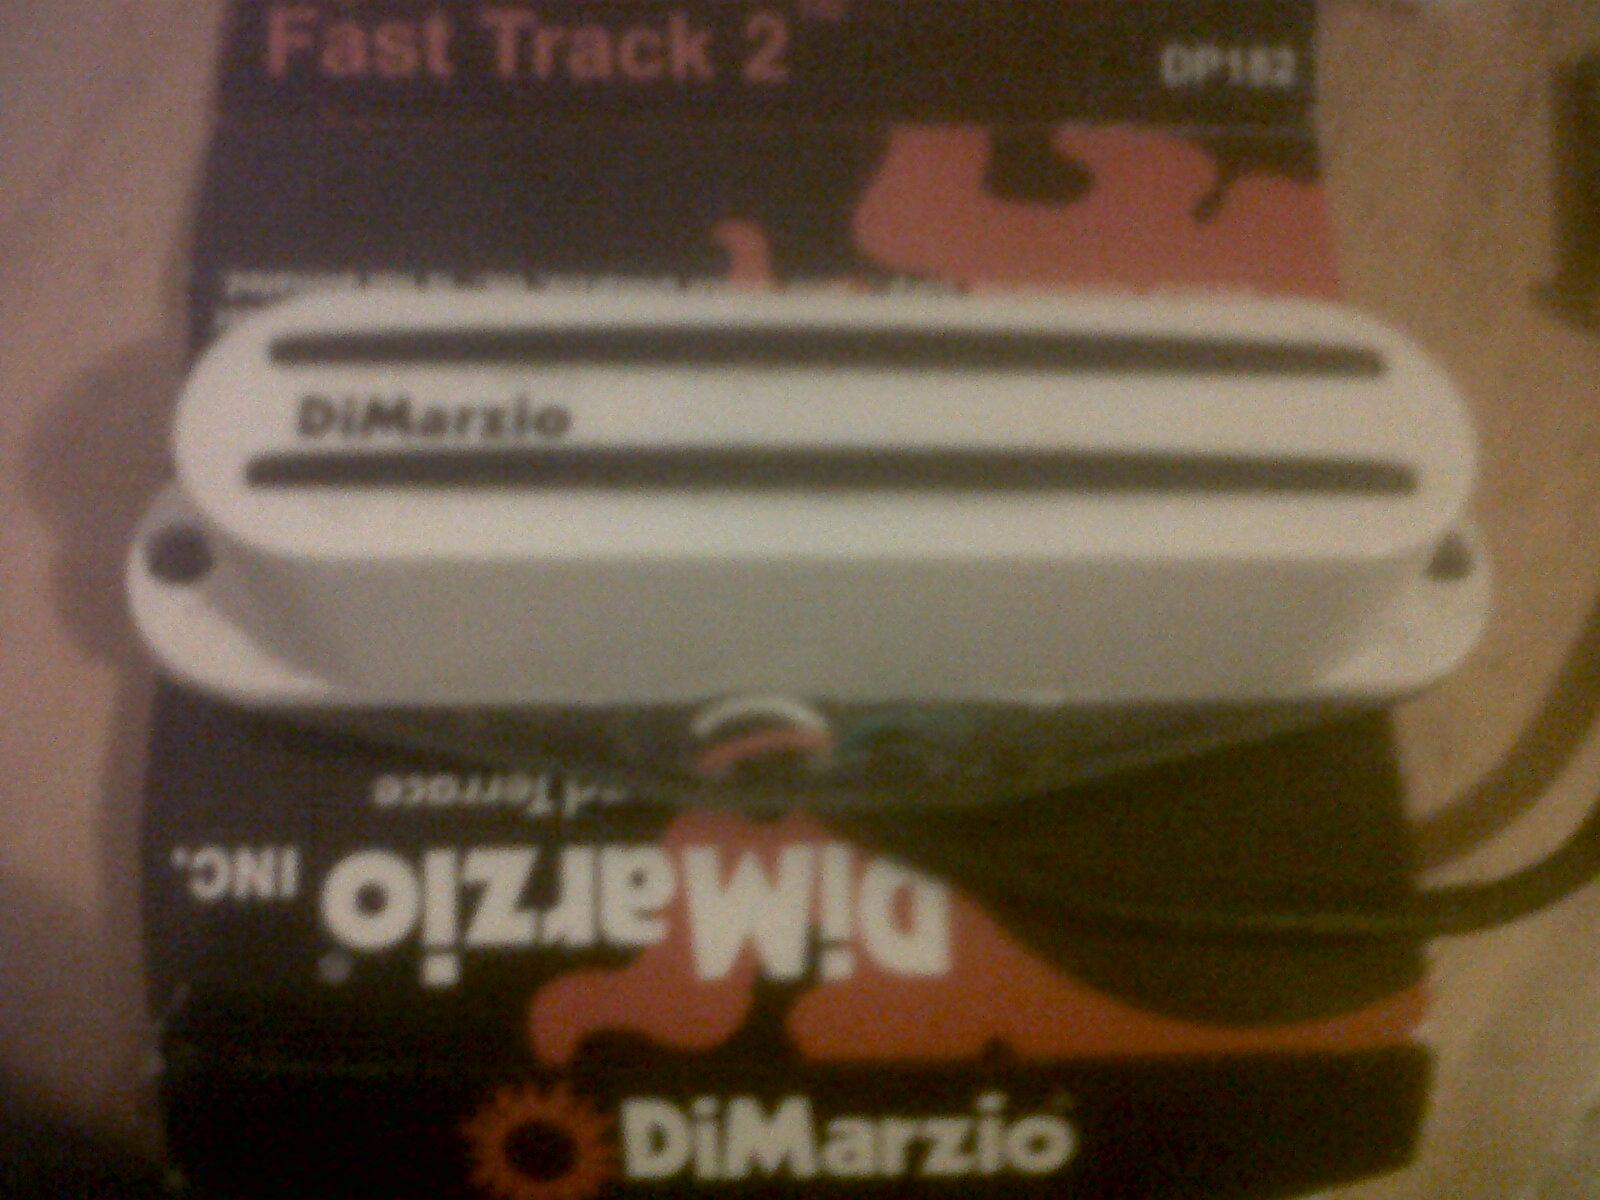 DP182 FAST TRACK 2 - DiMarzio DP182 Fast Track 2 - Audiofanzine